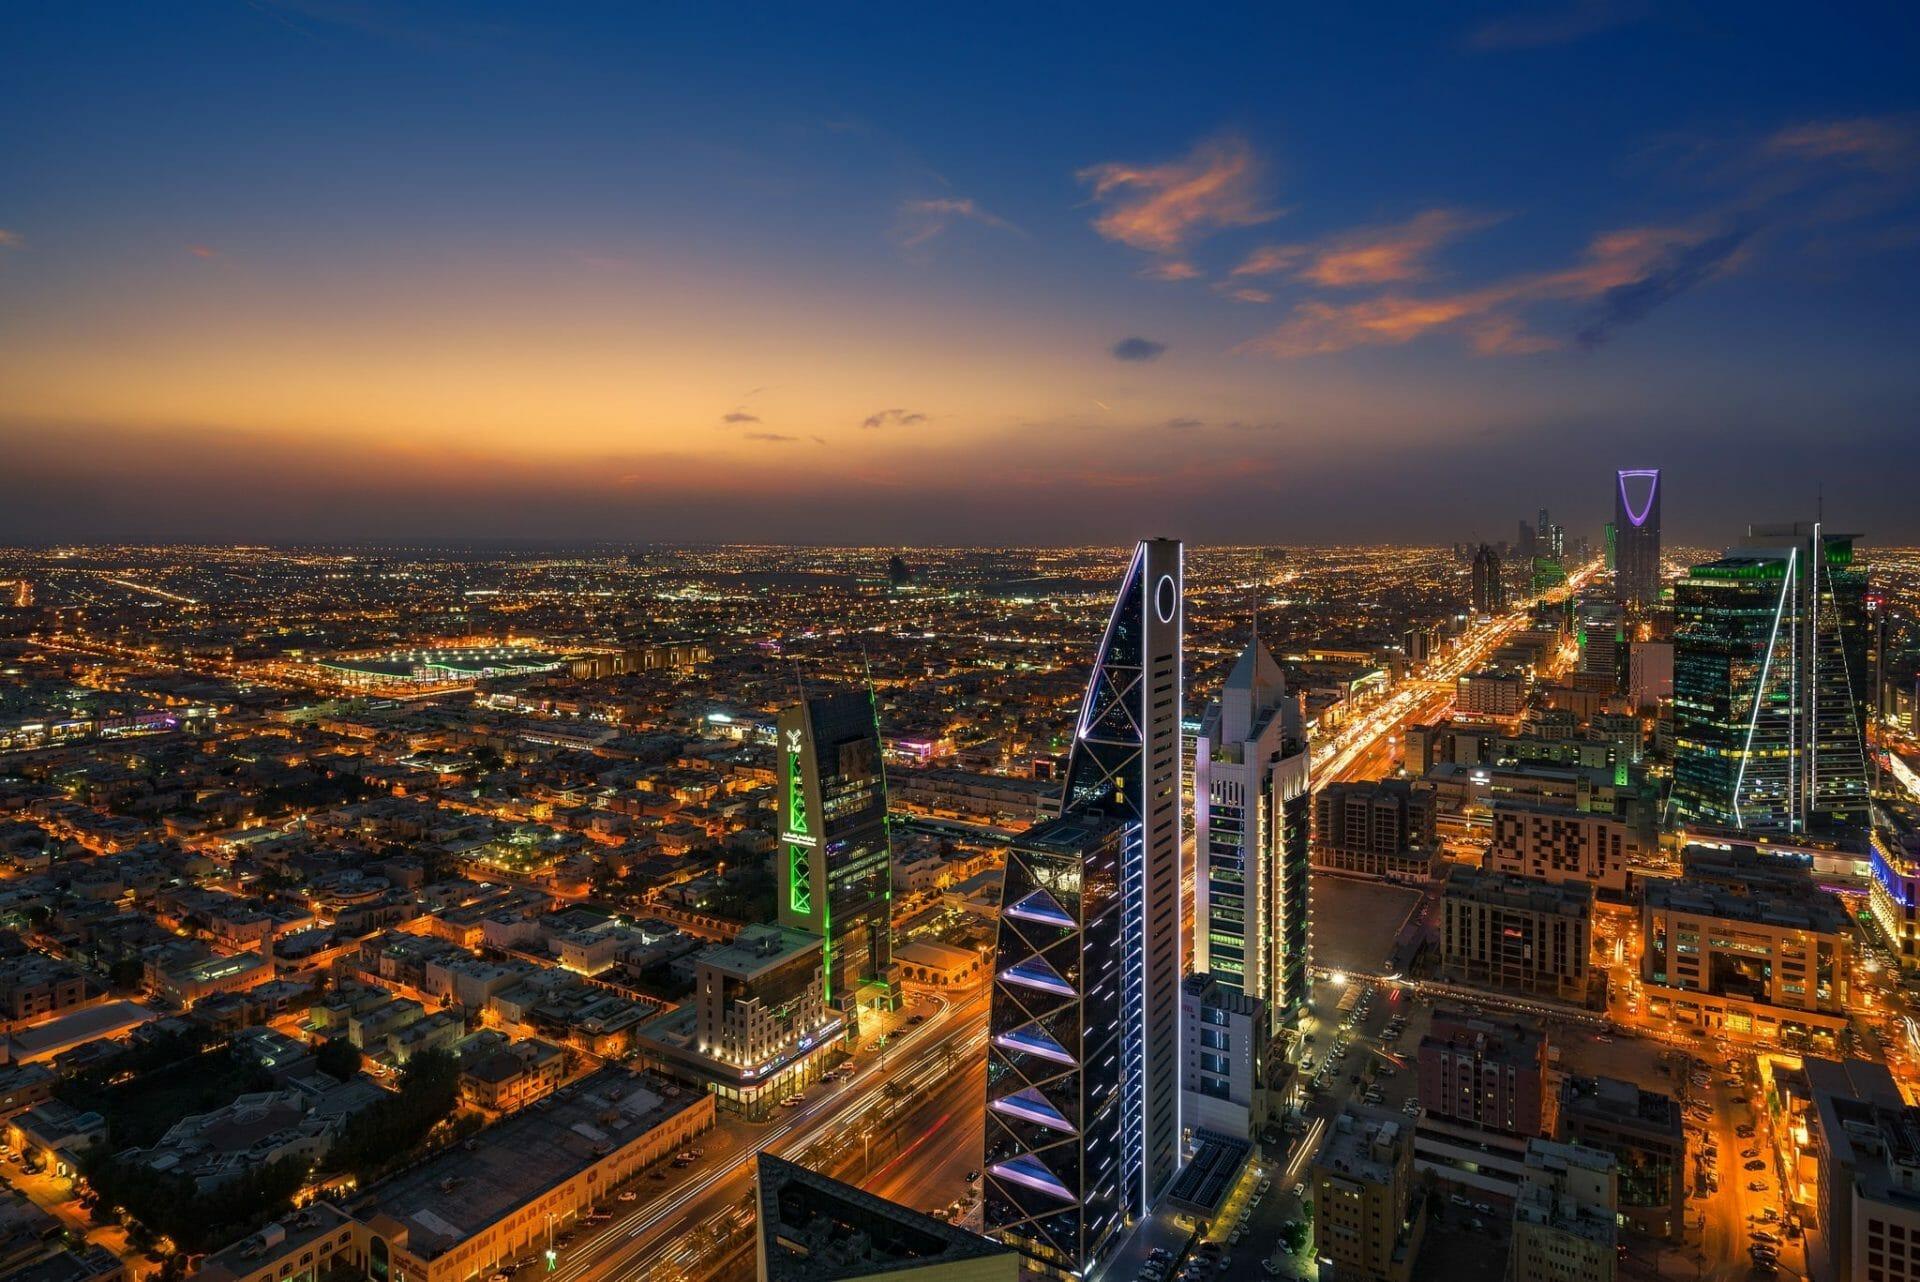 """صحيفة """"العرب"""" الممولة من الإمارات توجّه إهانة ثانية للسعودية .. ماذا يريد ابن زايد؟!"""